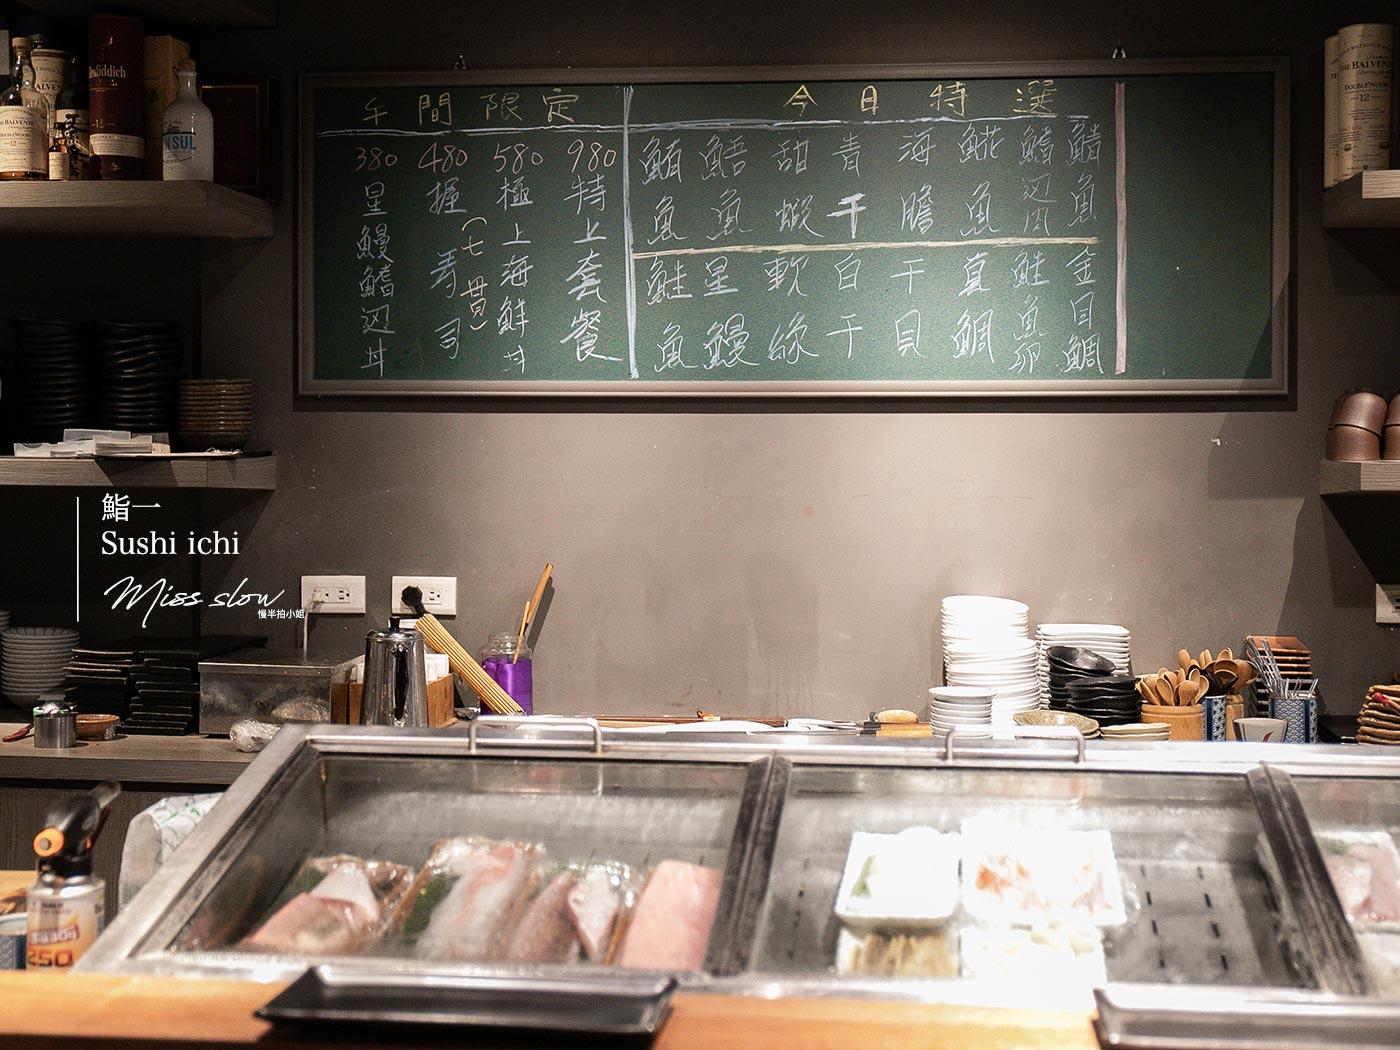 鮨一日本料理_menu黑板